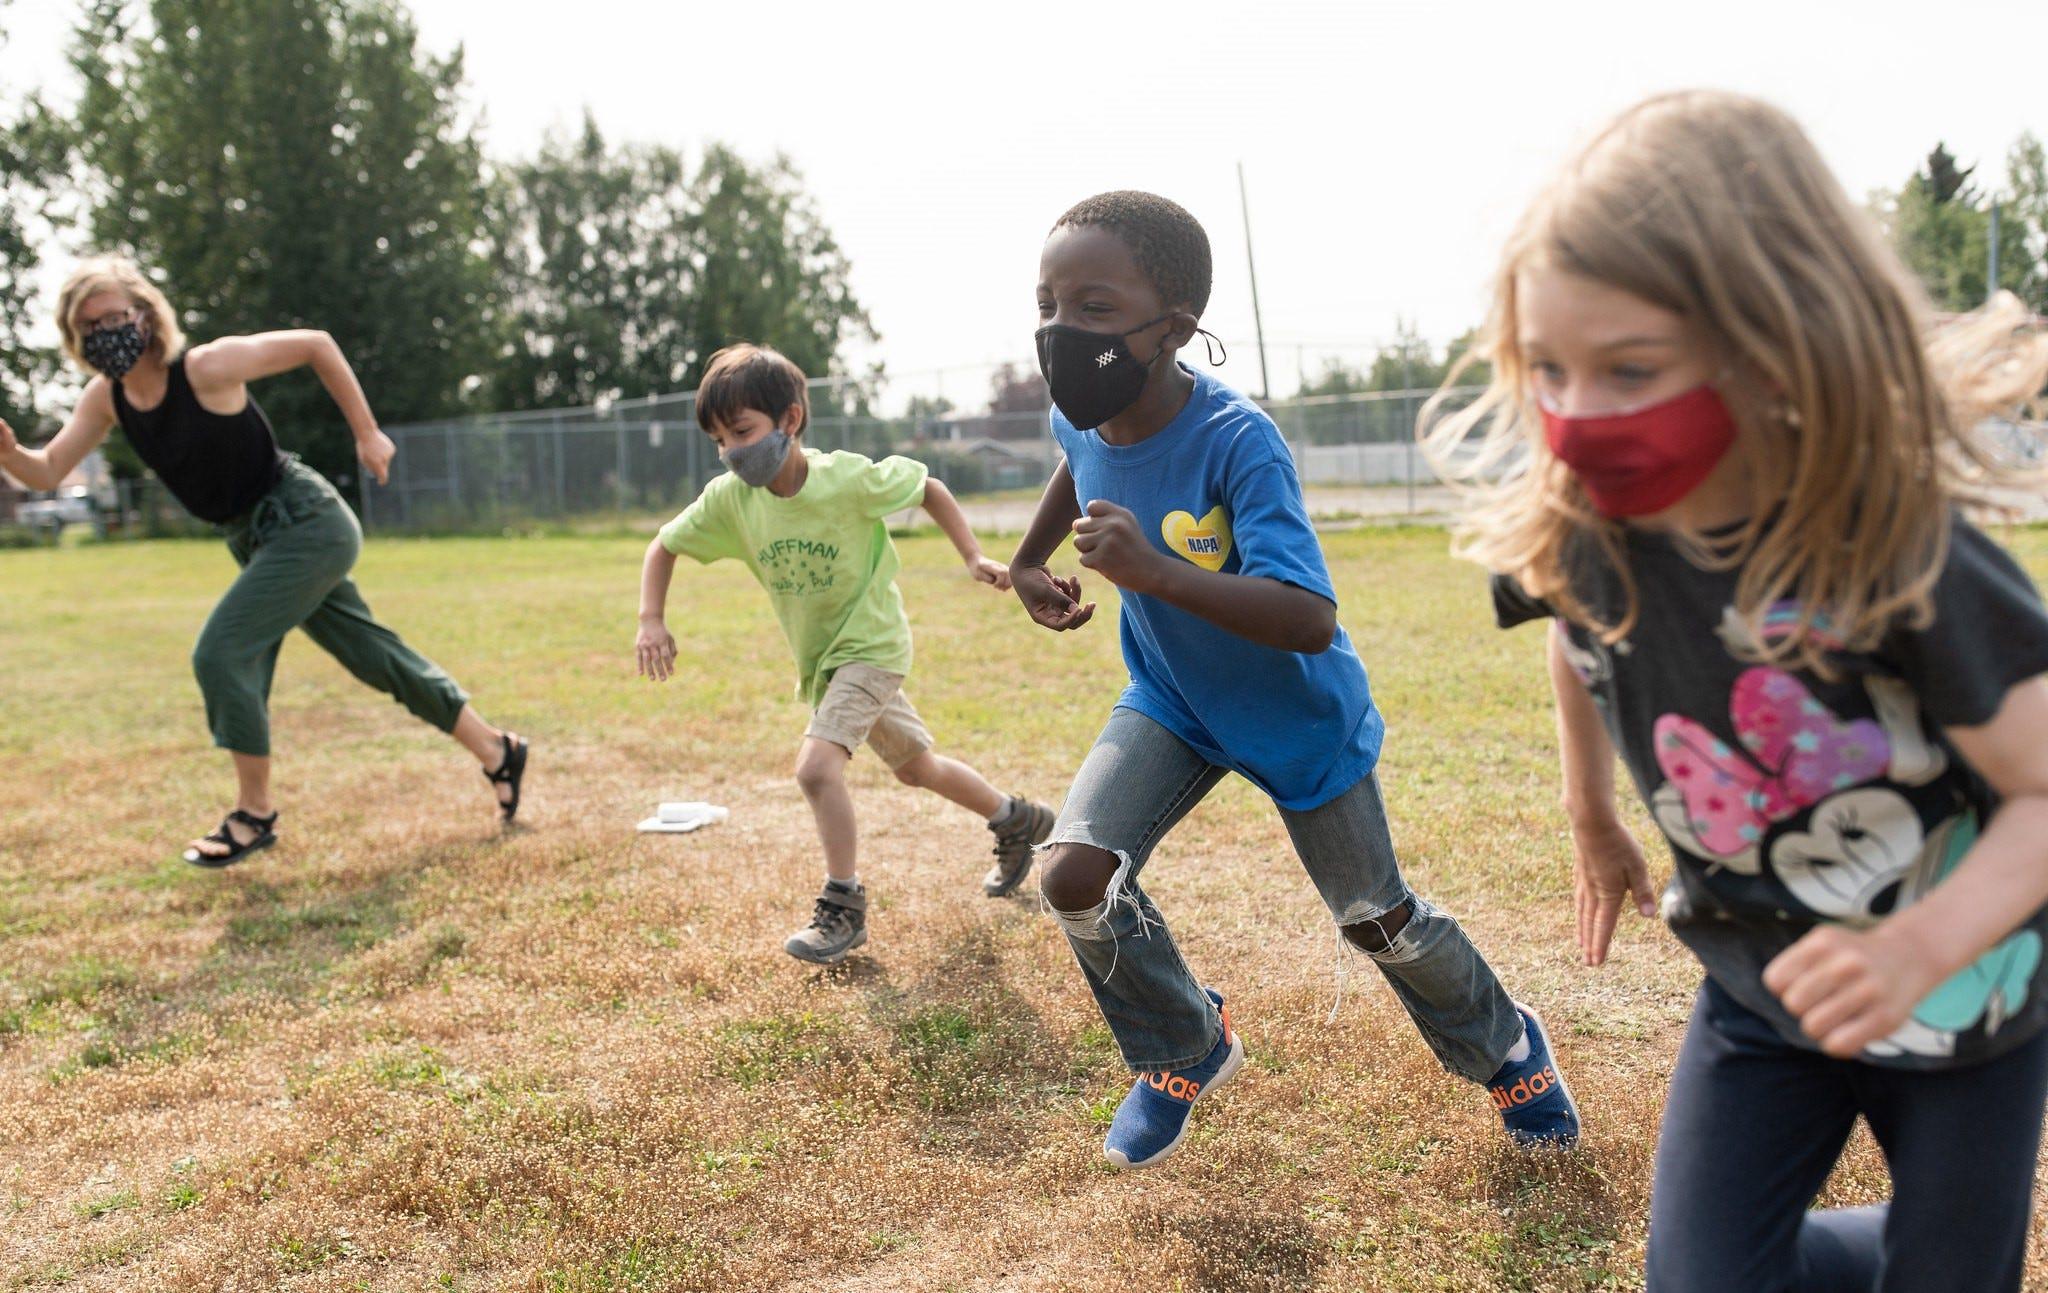 509066f9-353f-483c-83e7-056f6317f3d8-Kentucky_Out-of-school_Alliance_summer_kids